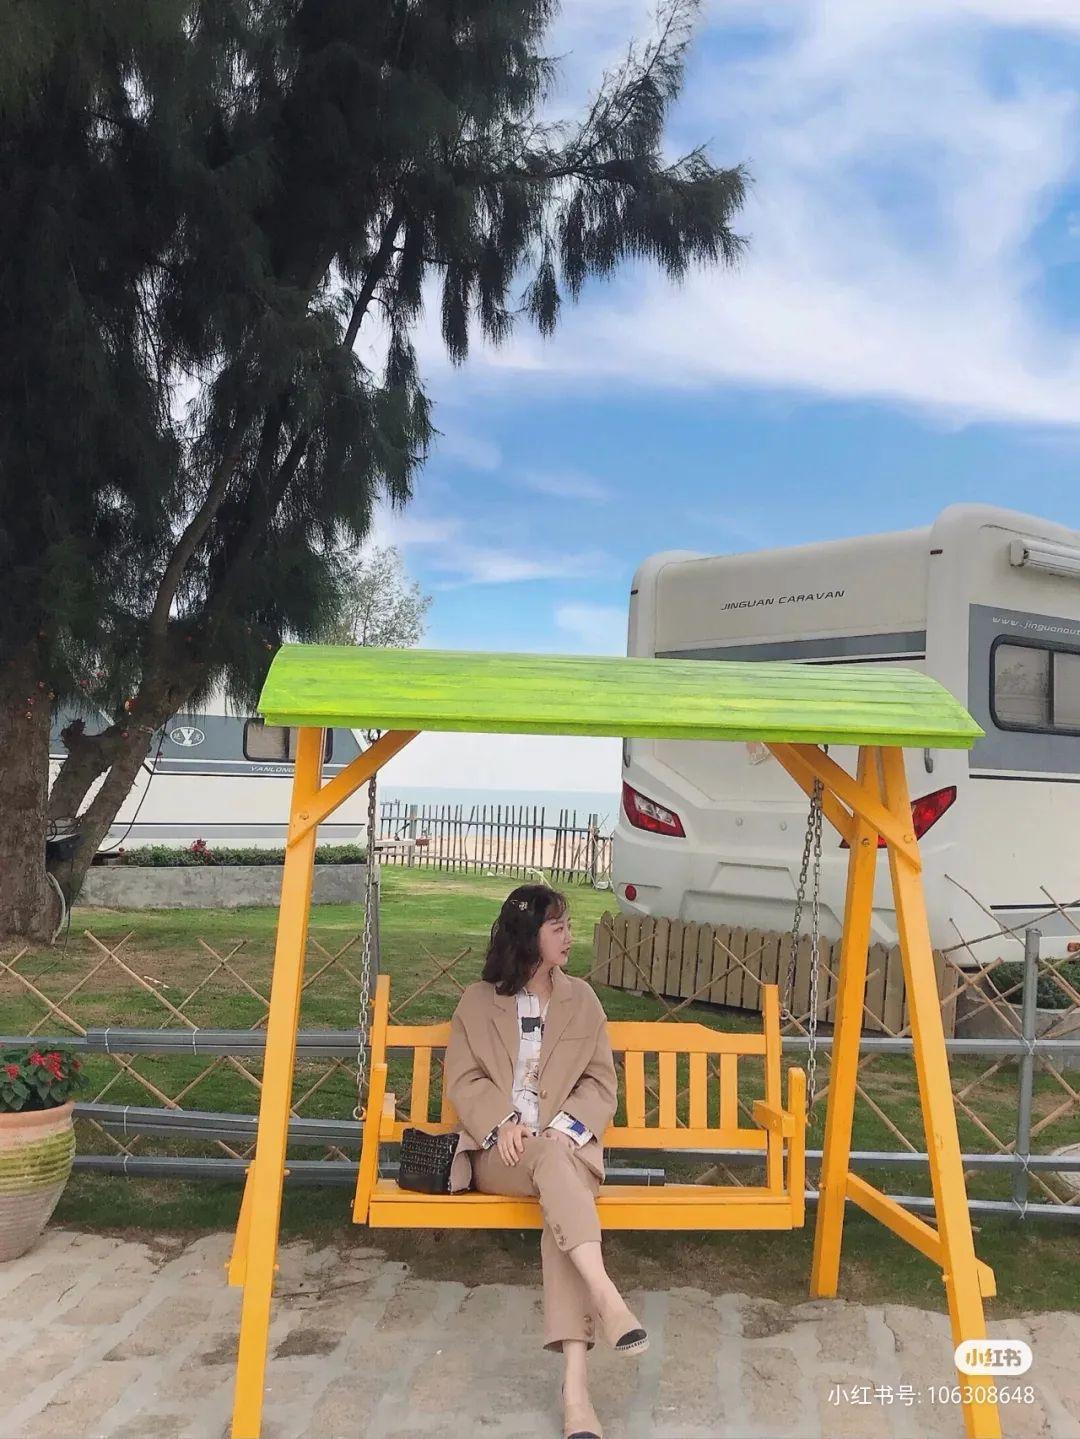 陆丰浅澳沙滩区的房车营地 背靠大海非常美 汕尾吃喝玩乐 第8张